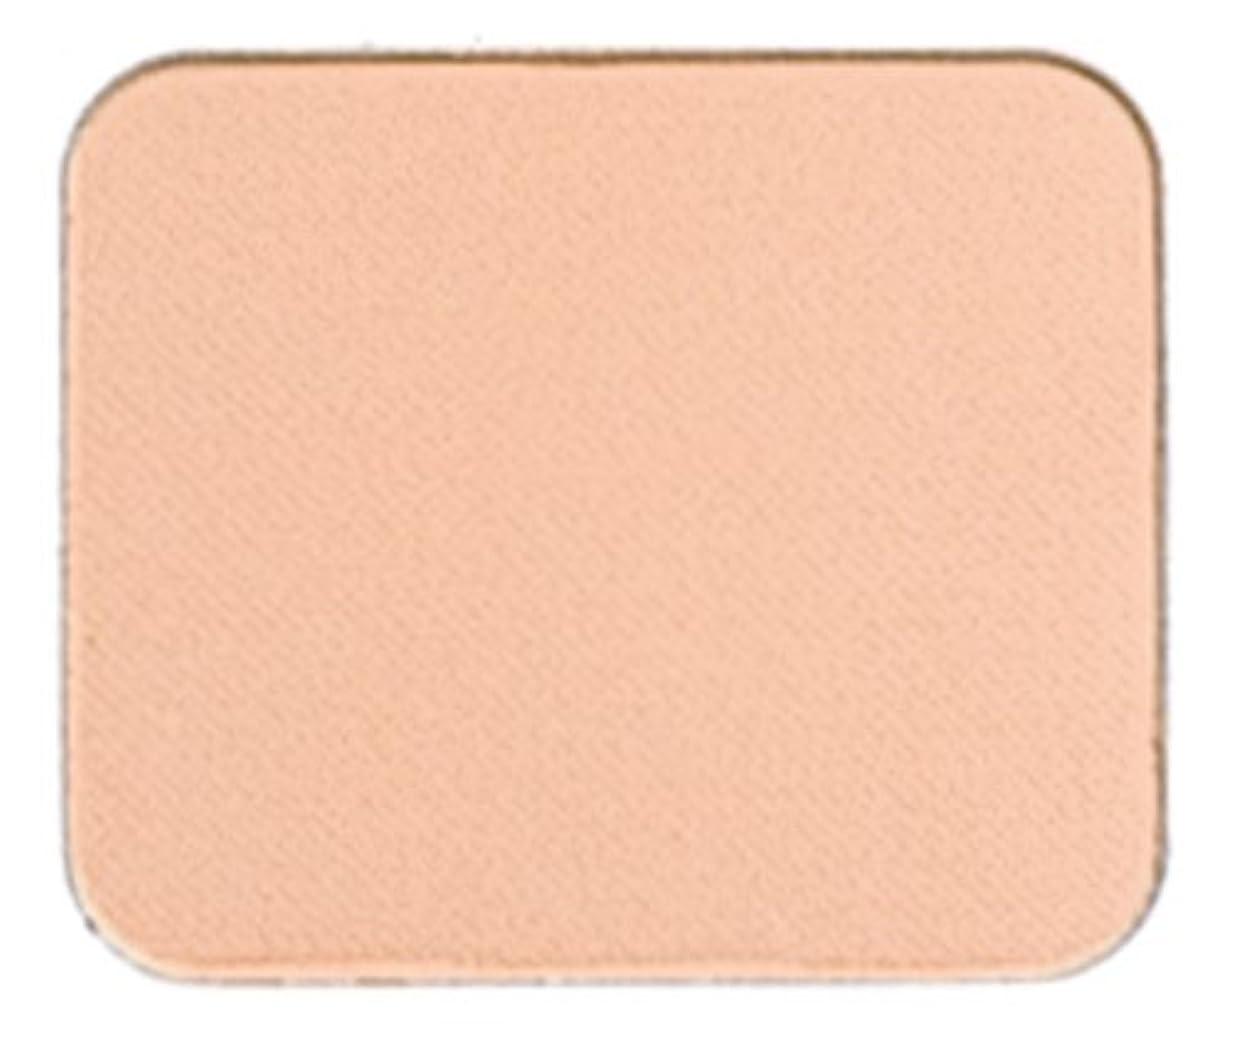 香水皮肉なディスコドクターシーラボ BBパーフェクト ファンデーション WHITE377プラス レフィル ナチュラル2 (平均的な肌色) 12g SPF25 PA++